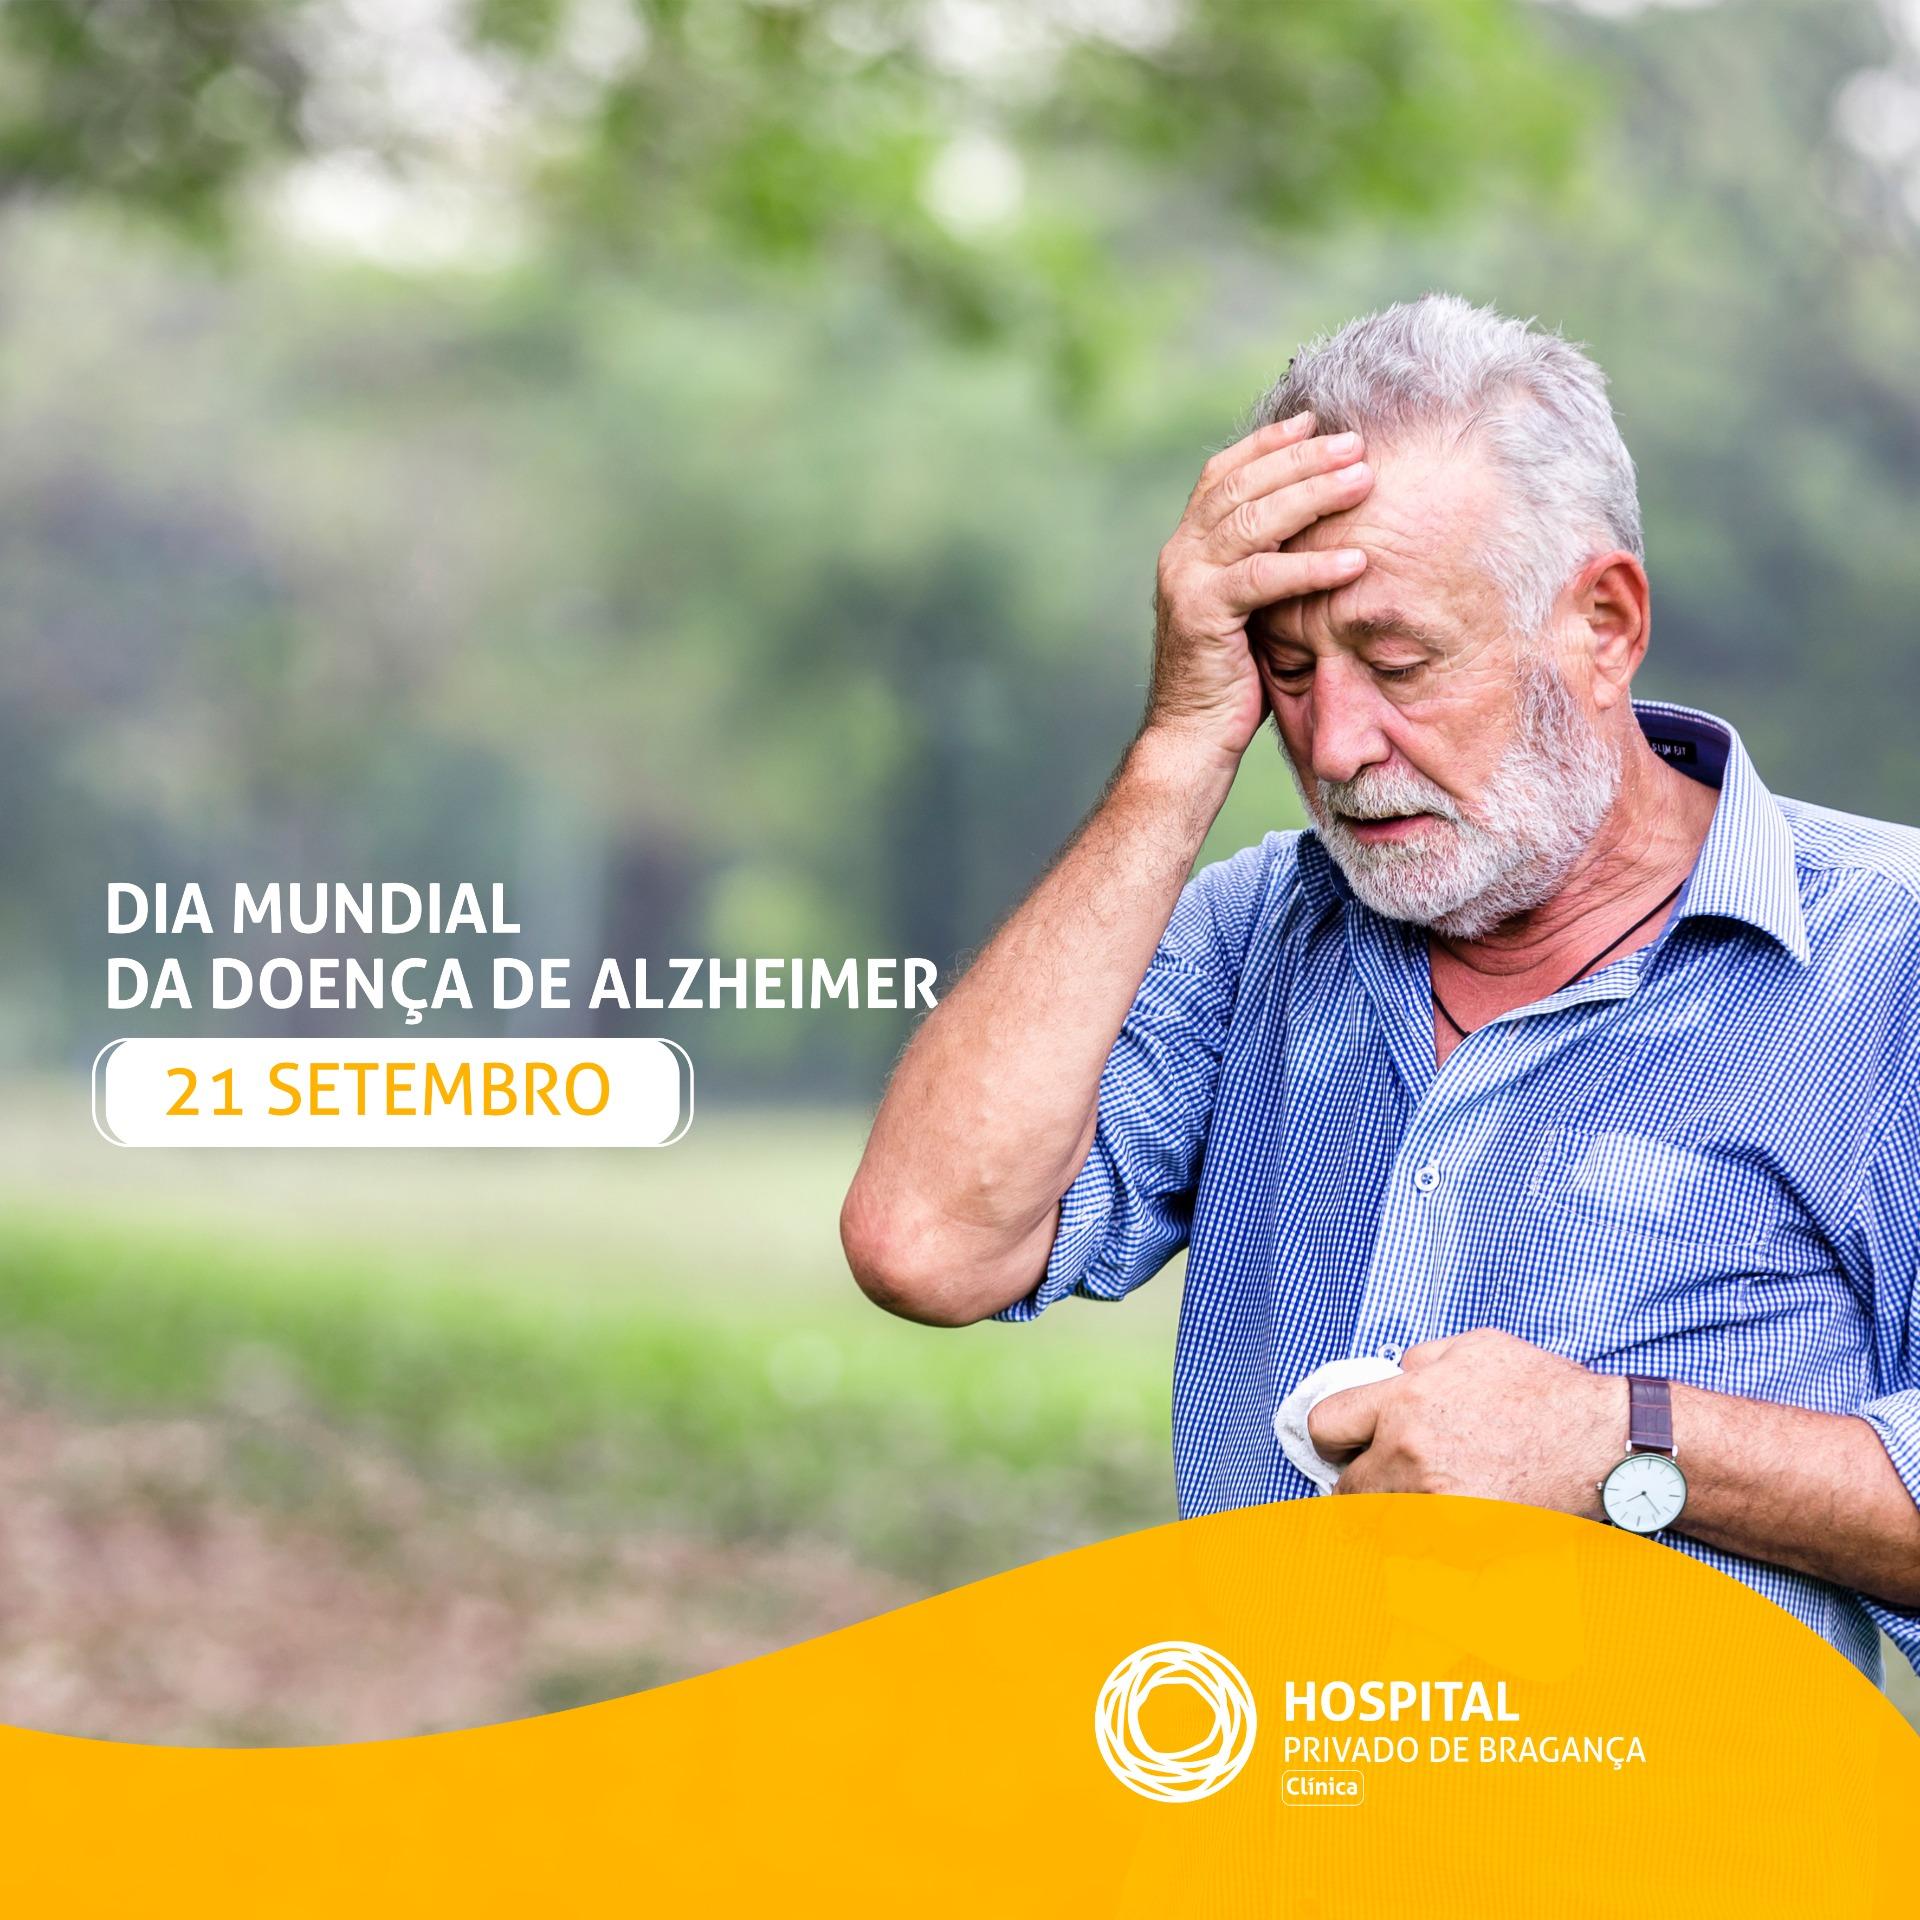 O que deve saber sobre a Doença de Alzheimer